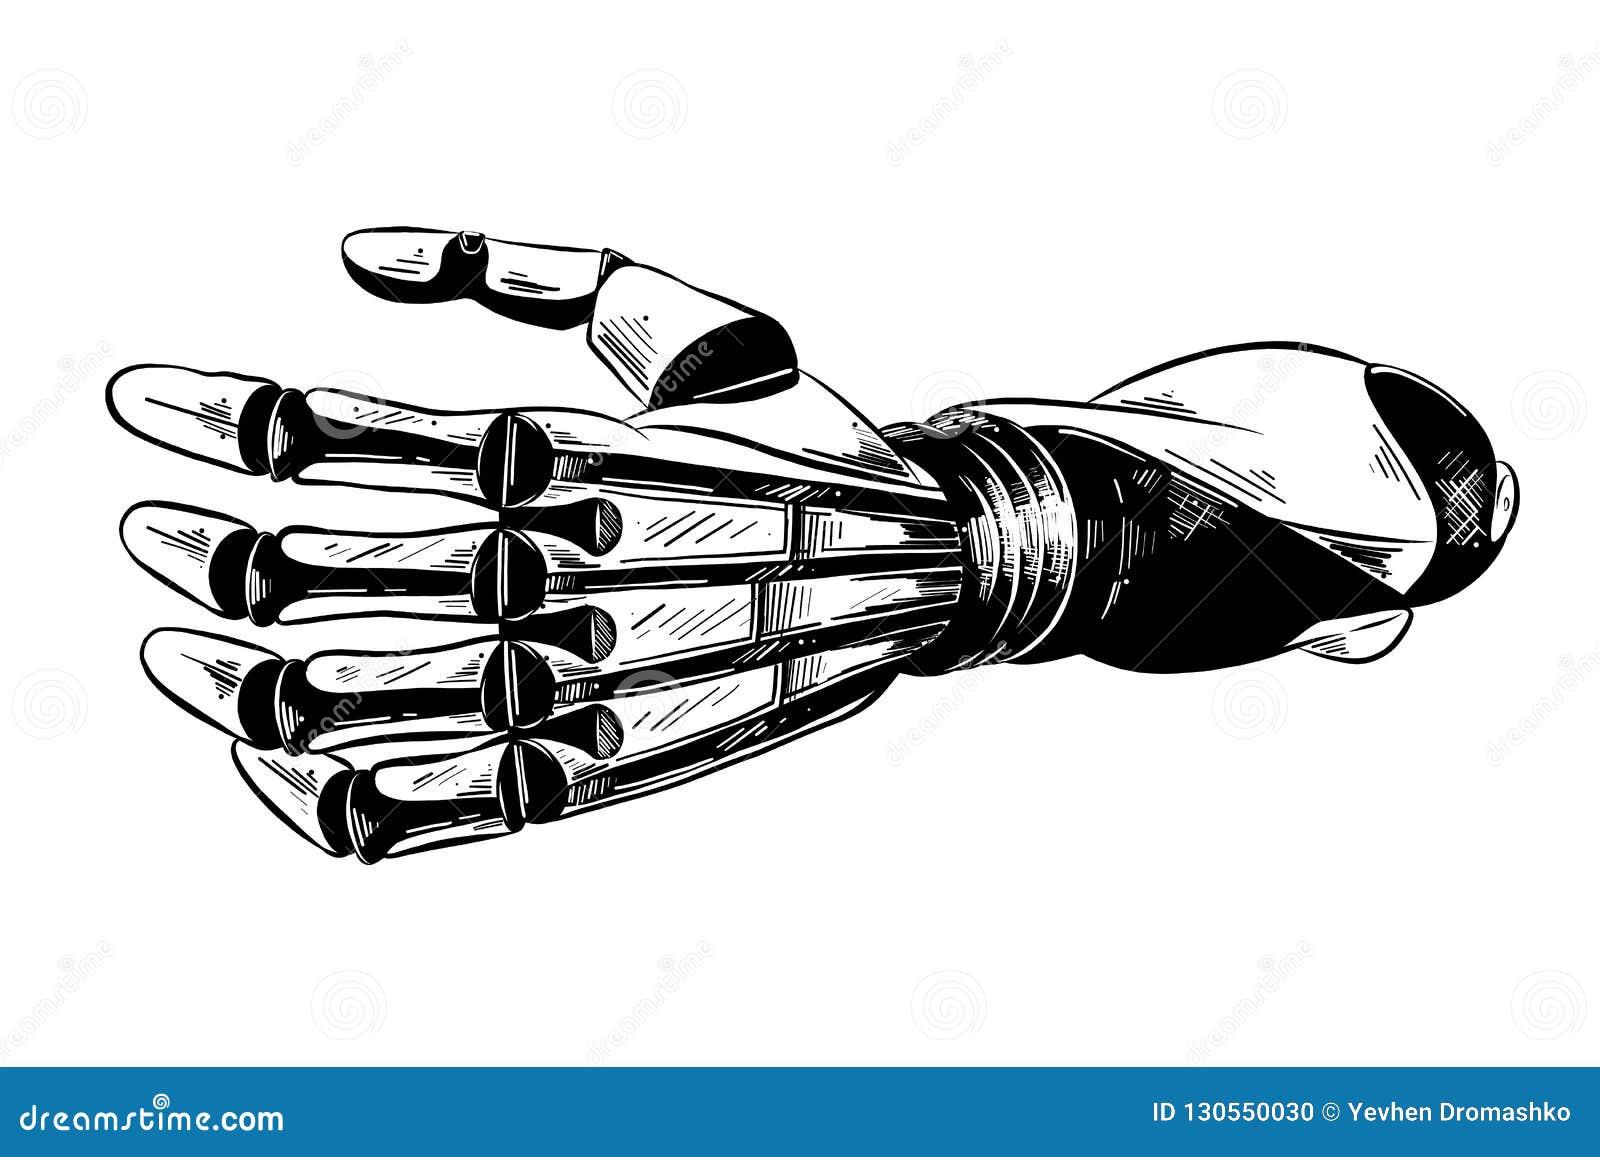 在白色背景在黑色的隔绝的机器人胳膊手拉的剪影  详细的葡萄酒蚀刻样式图画